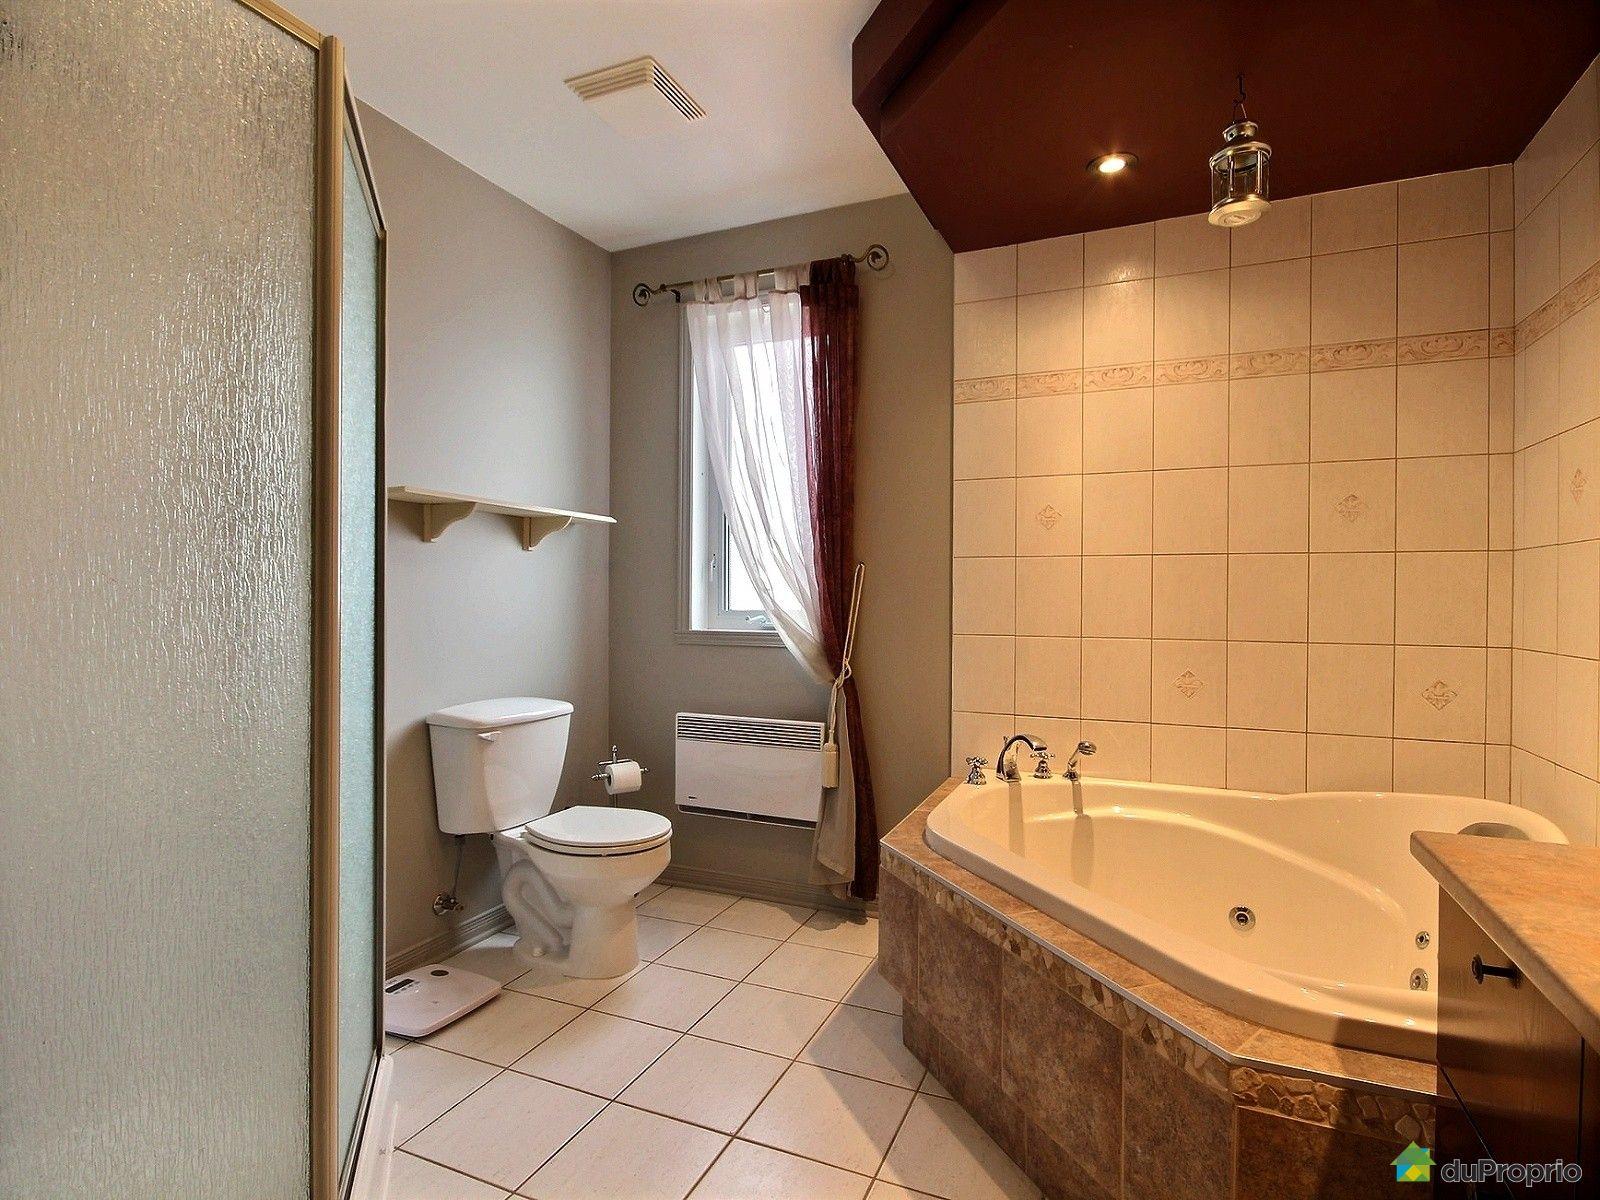 Maison vendre st eustache 437 rue des cam lias for Salle de bain 25 st eustache